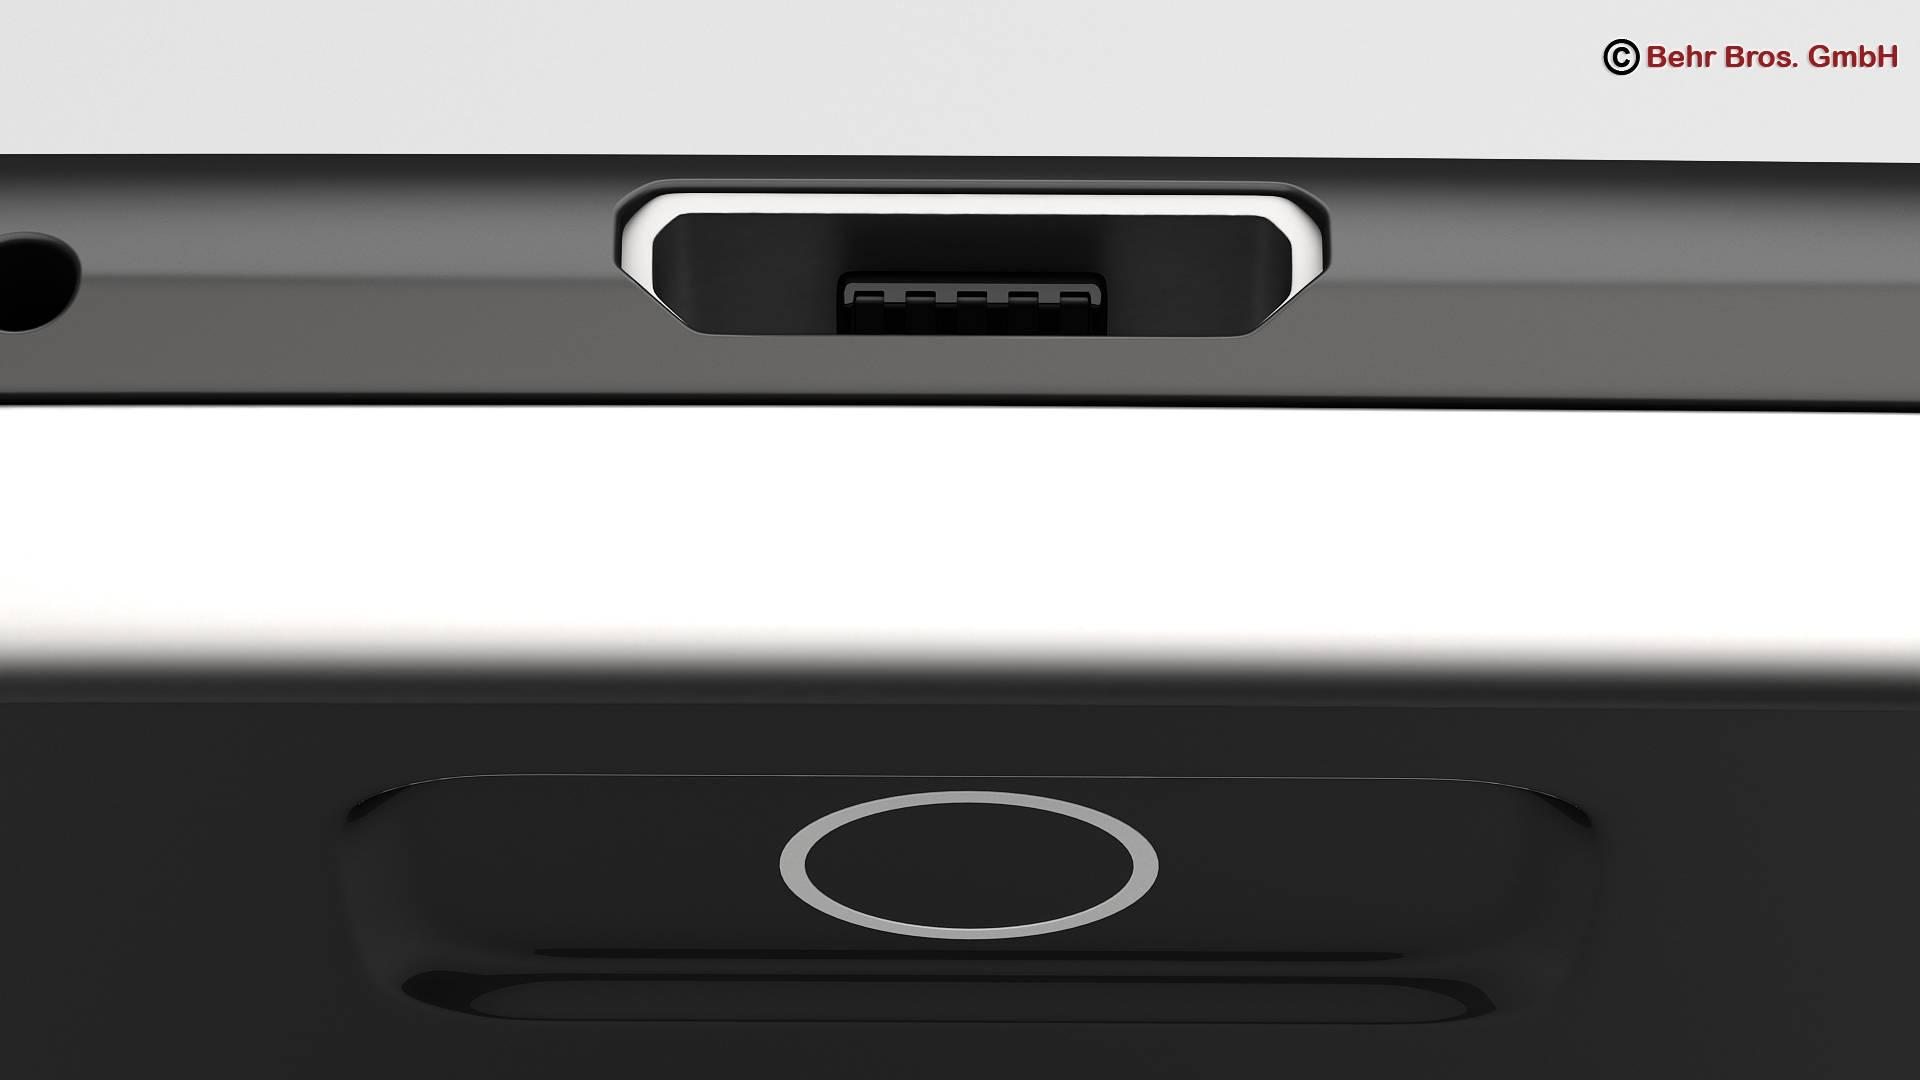 vispārējs viedtālrunis 4 collas 3d modelis 3ds max fbx c4d lwo ma mb obj 161629